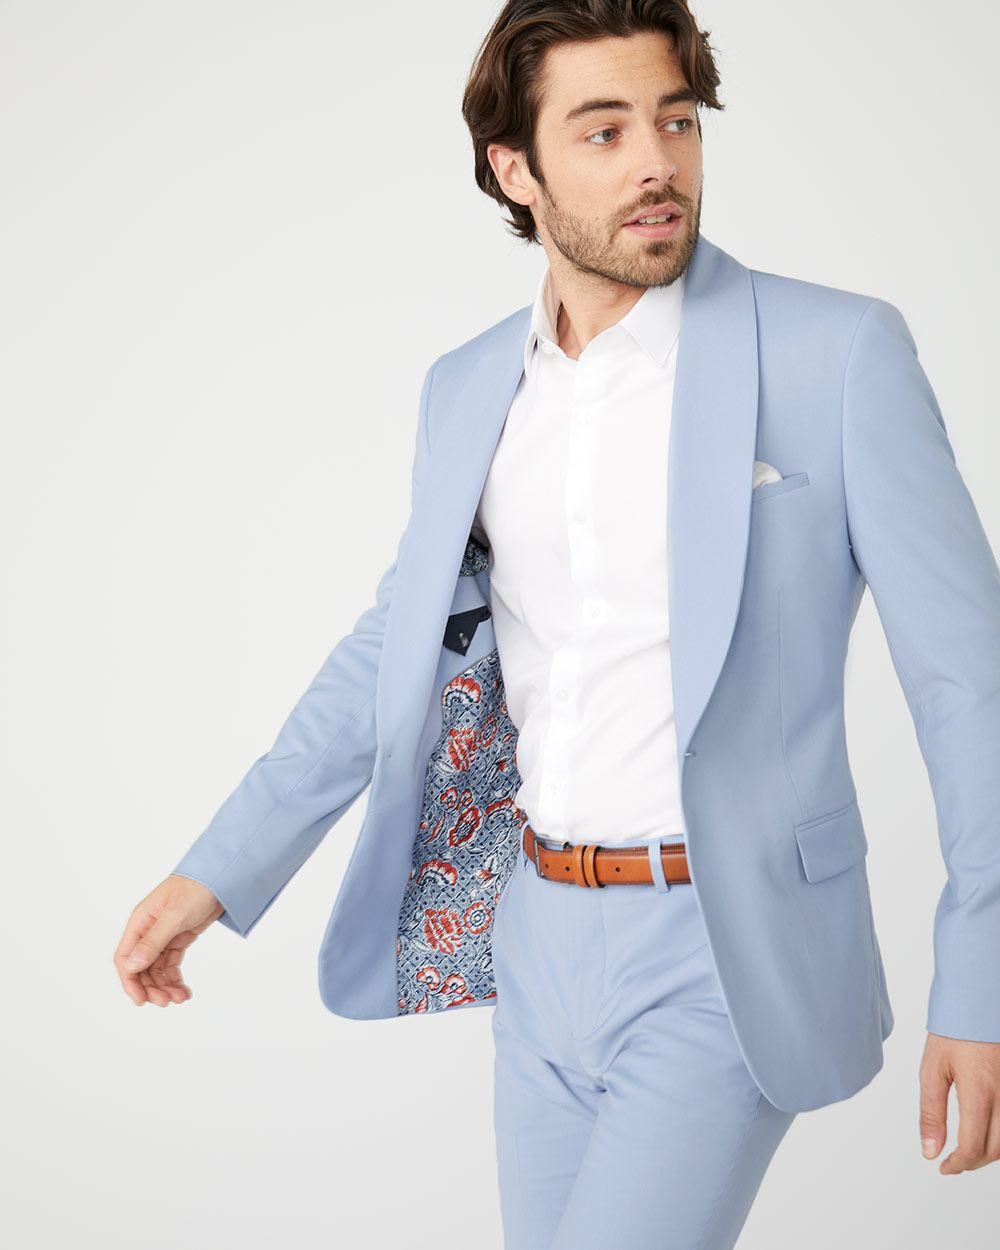 newest 3f7f1 6fb98 Slim Fit Light Blue suit blazer